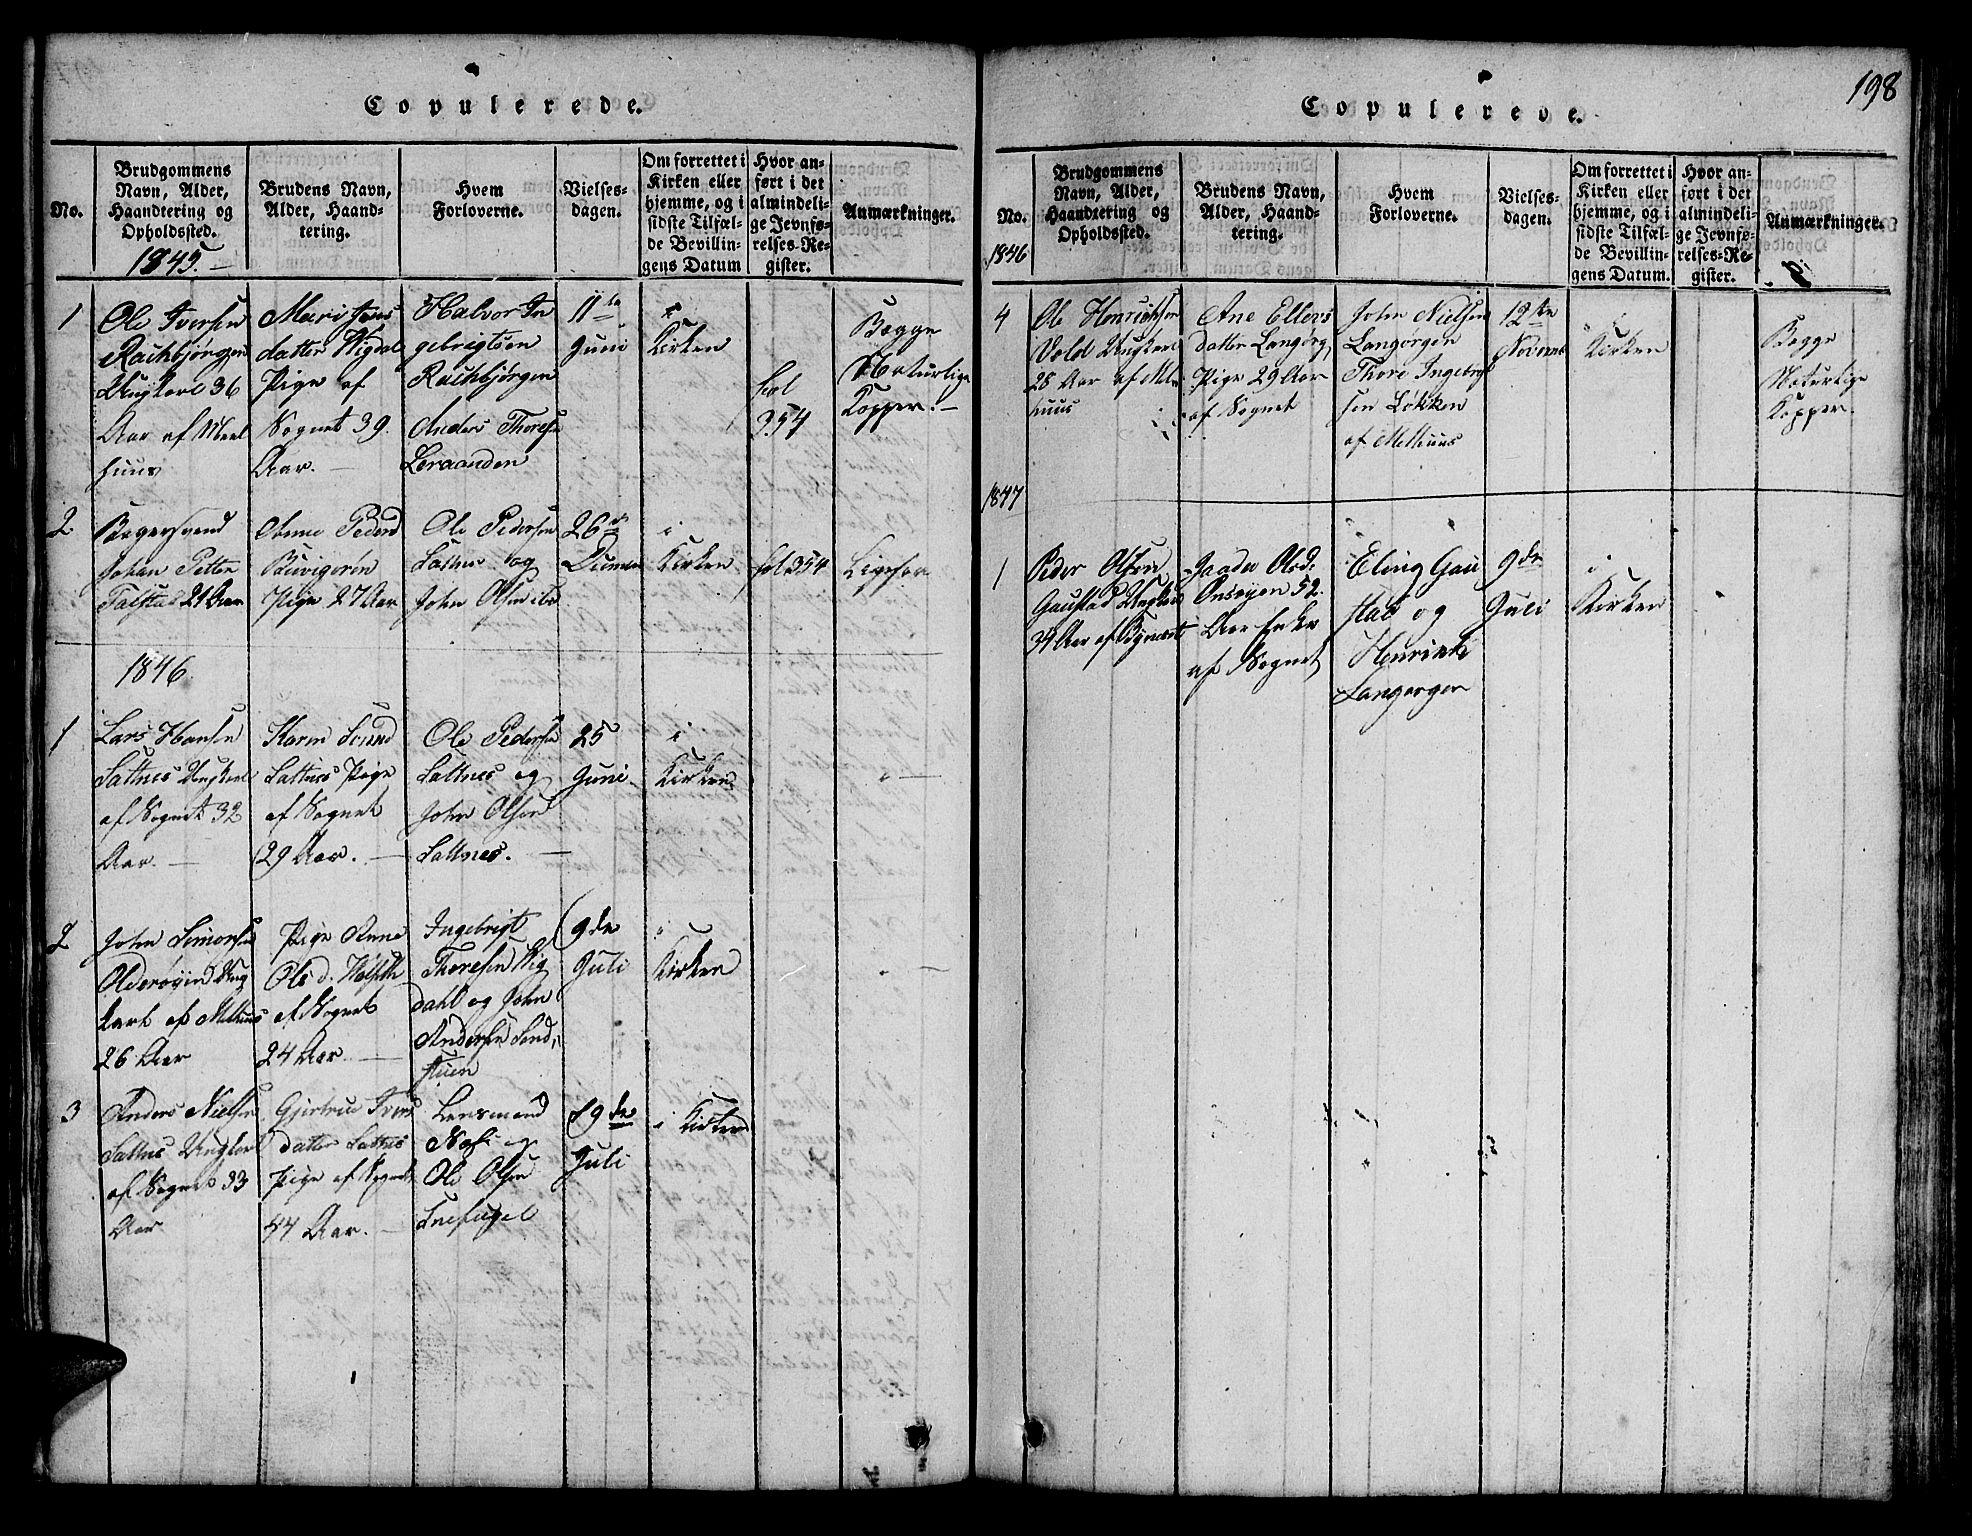 SAT, Ministerialprotokoller, klokkerbøker og fødselsregistre - Sør-Trøndelag, 666/L0788: Klokkerbok nr. 666C01, 1816-1847, s. 198